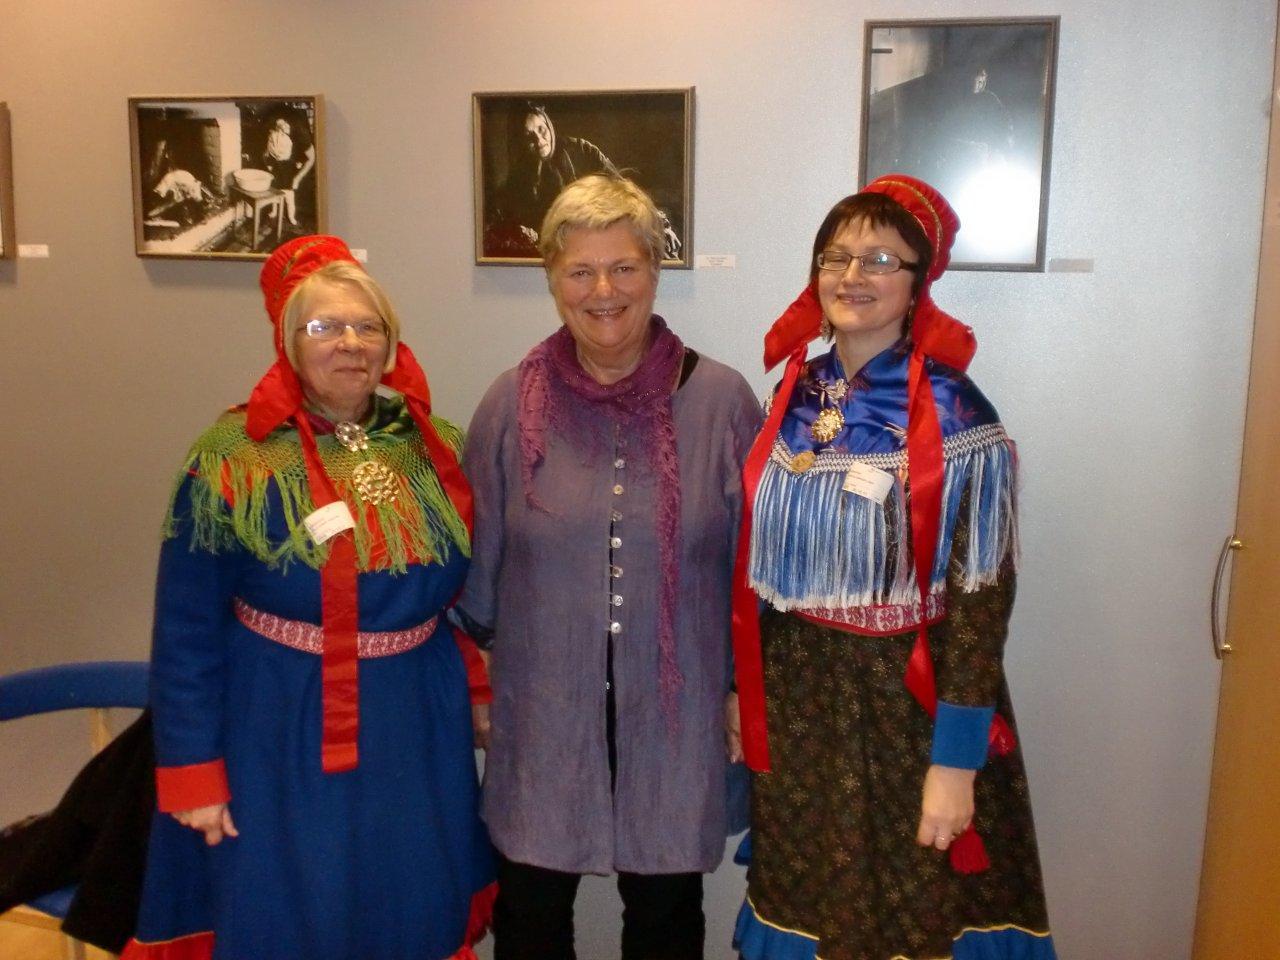 Laila Somby Sandvik, Kirsti Kolle Grøndahl (leiar for Stemmerettsjubileet 2013) og Gudrun E. E. Lindi